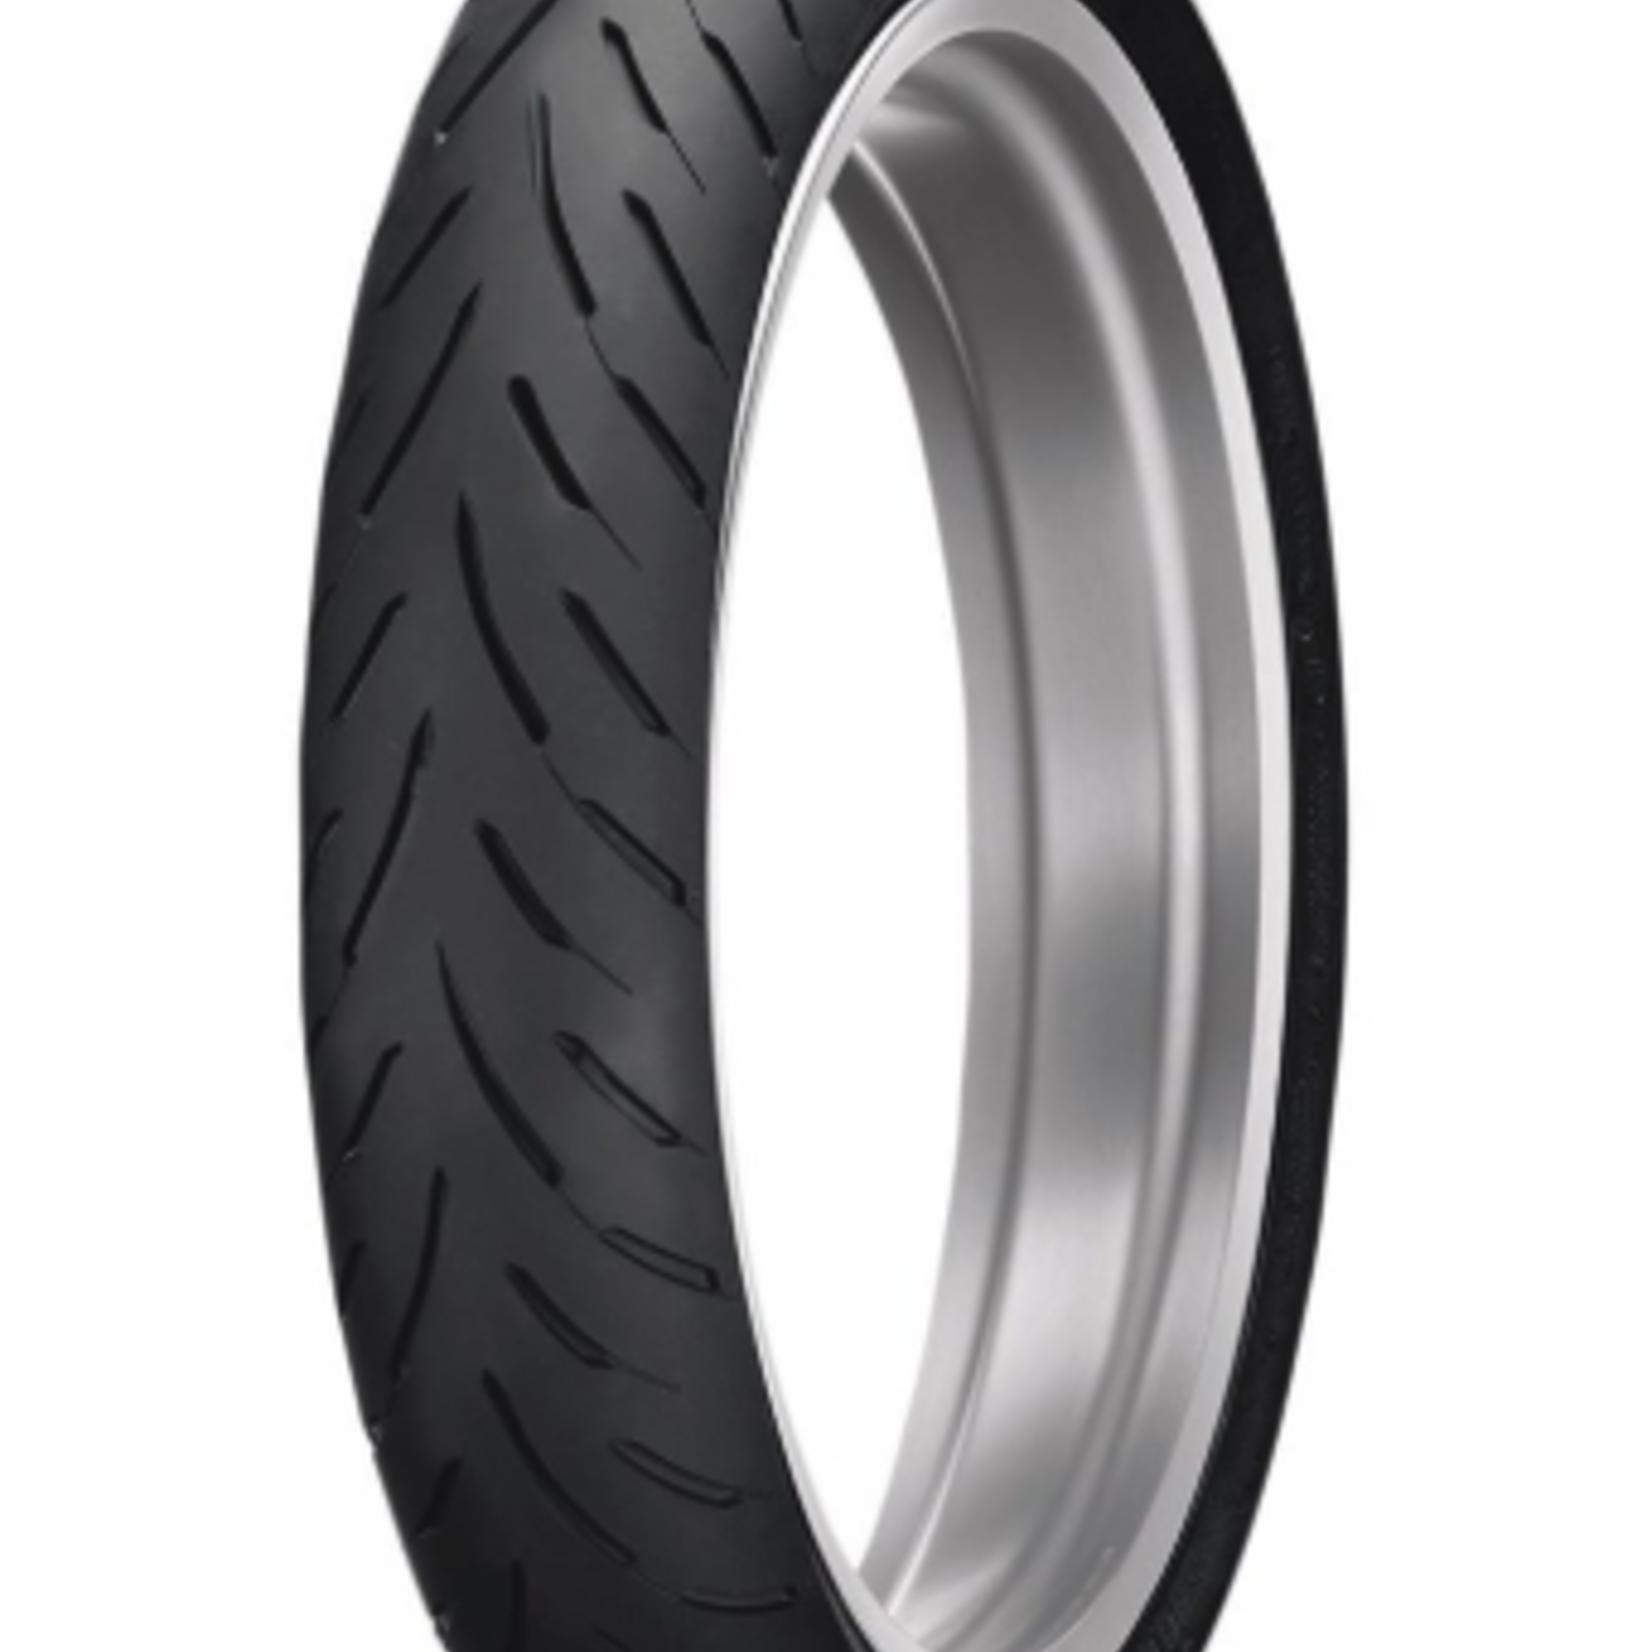 Dunlop Dunlop Sportmax GPR300 Front Tire - 110/70-17